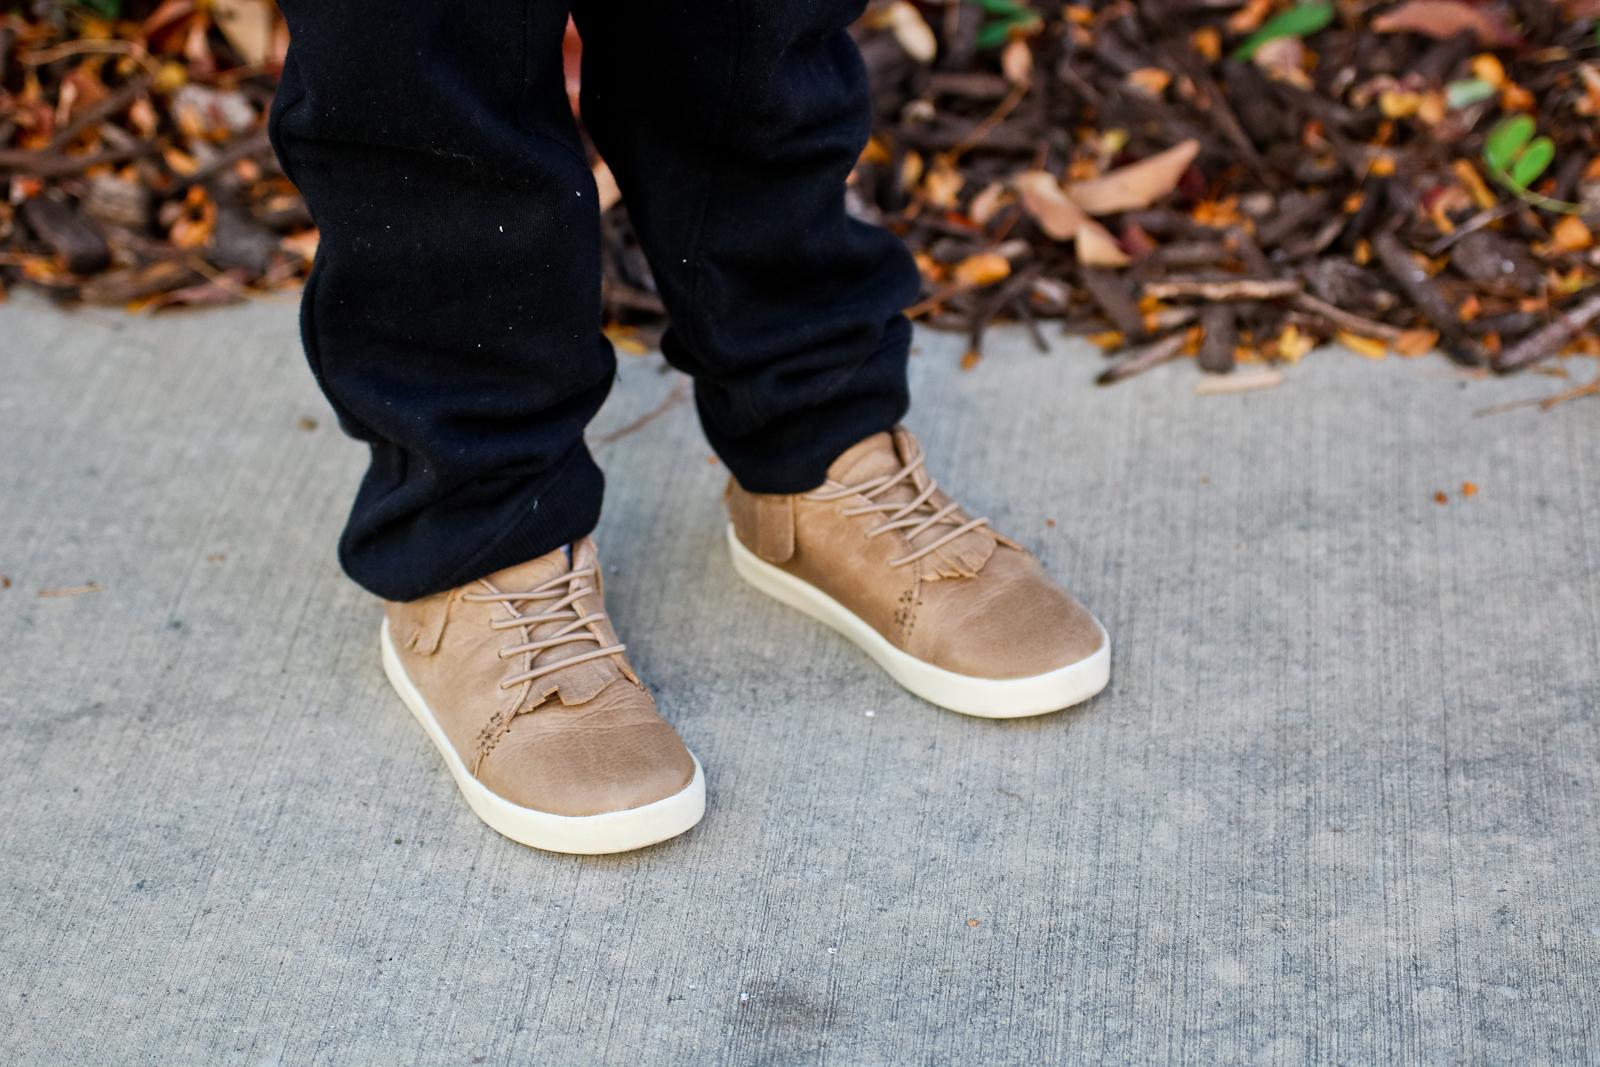 Little Boy's style